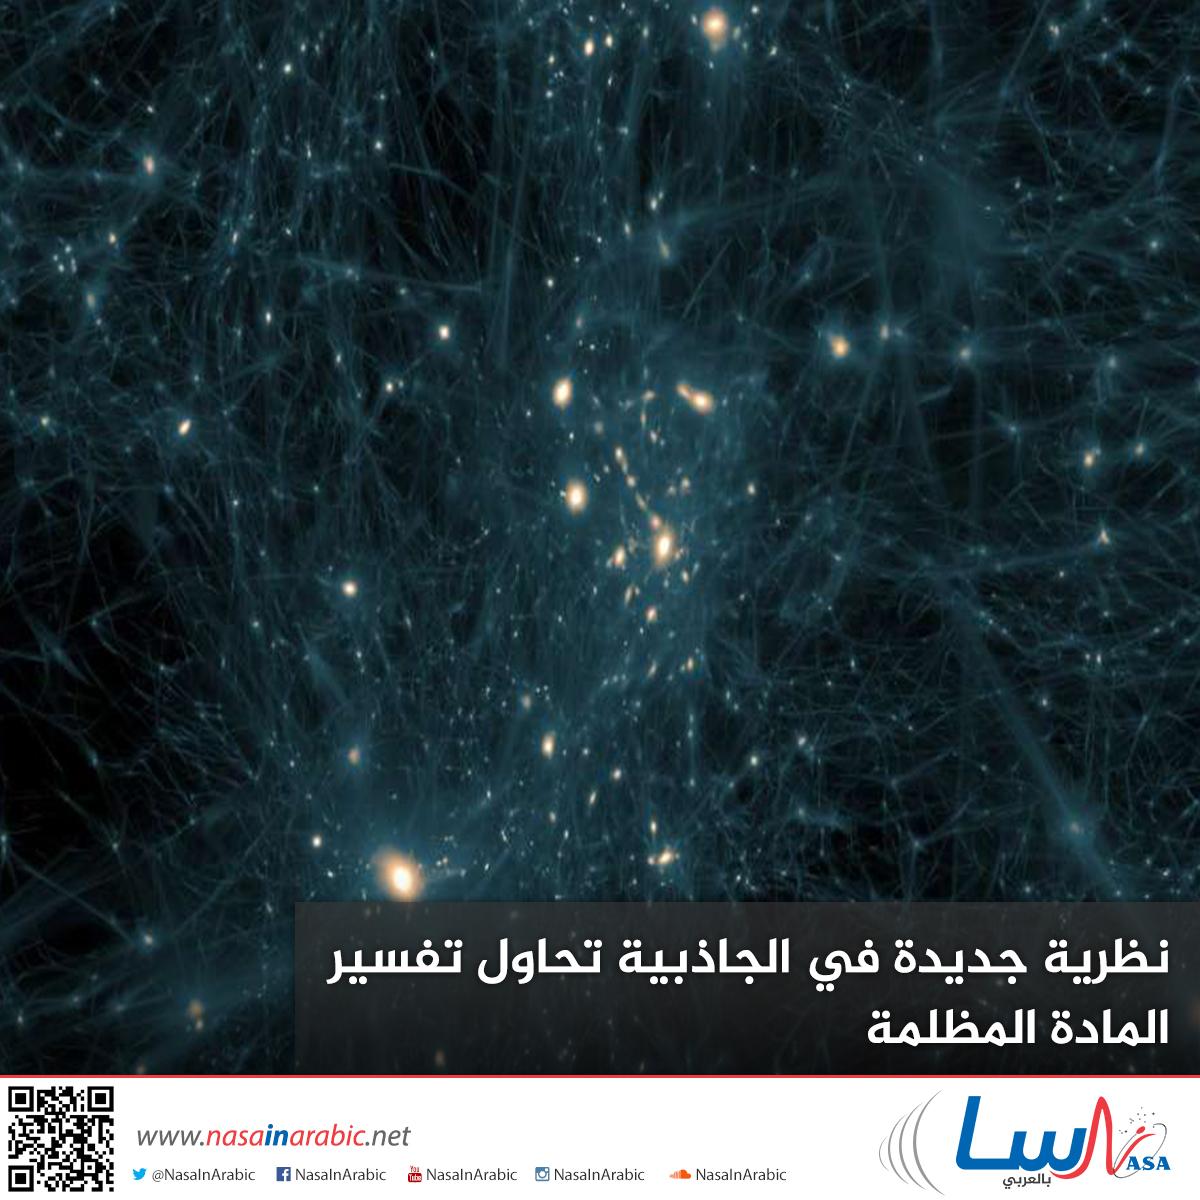 نظرية جديدة في الجاذبية تحاول تفسير المادة المظلمة